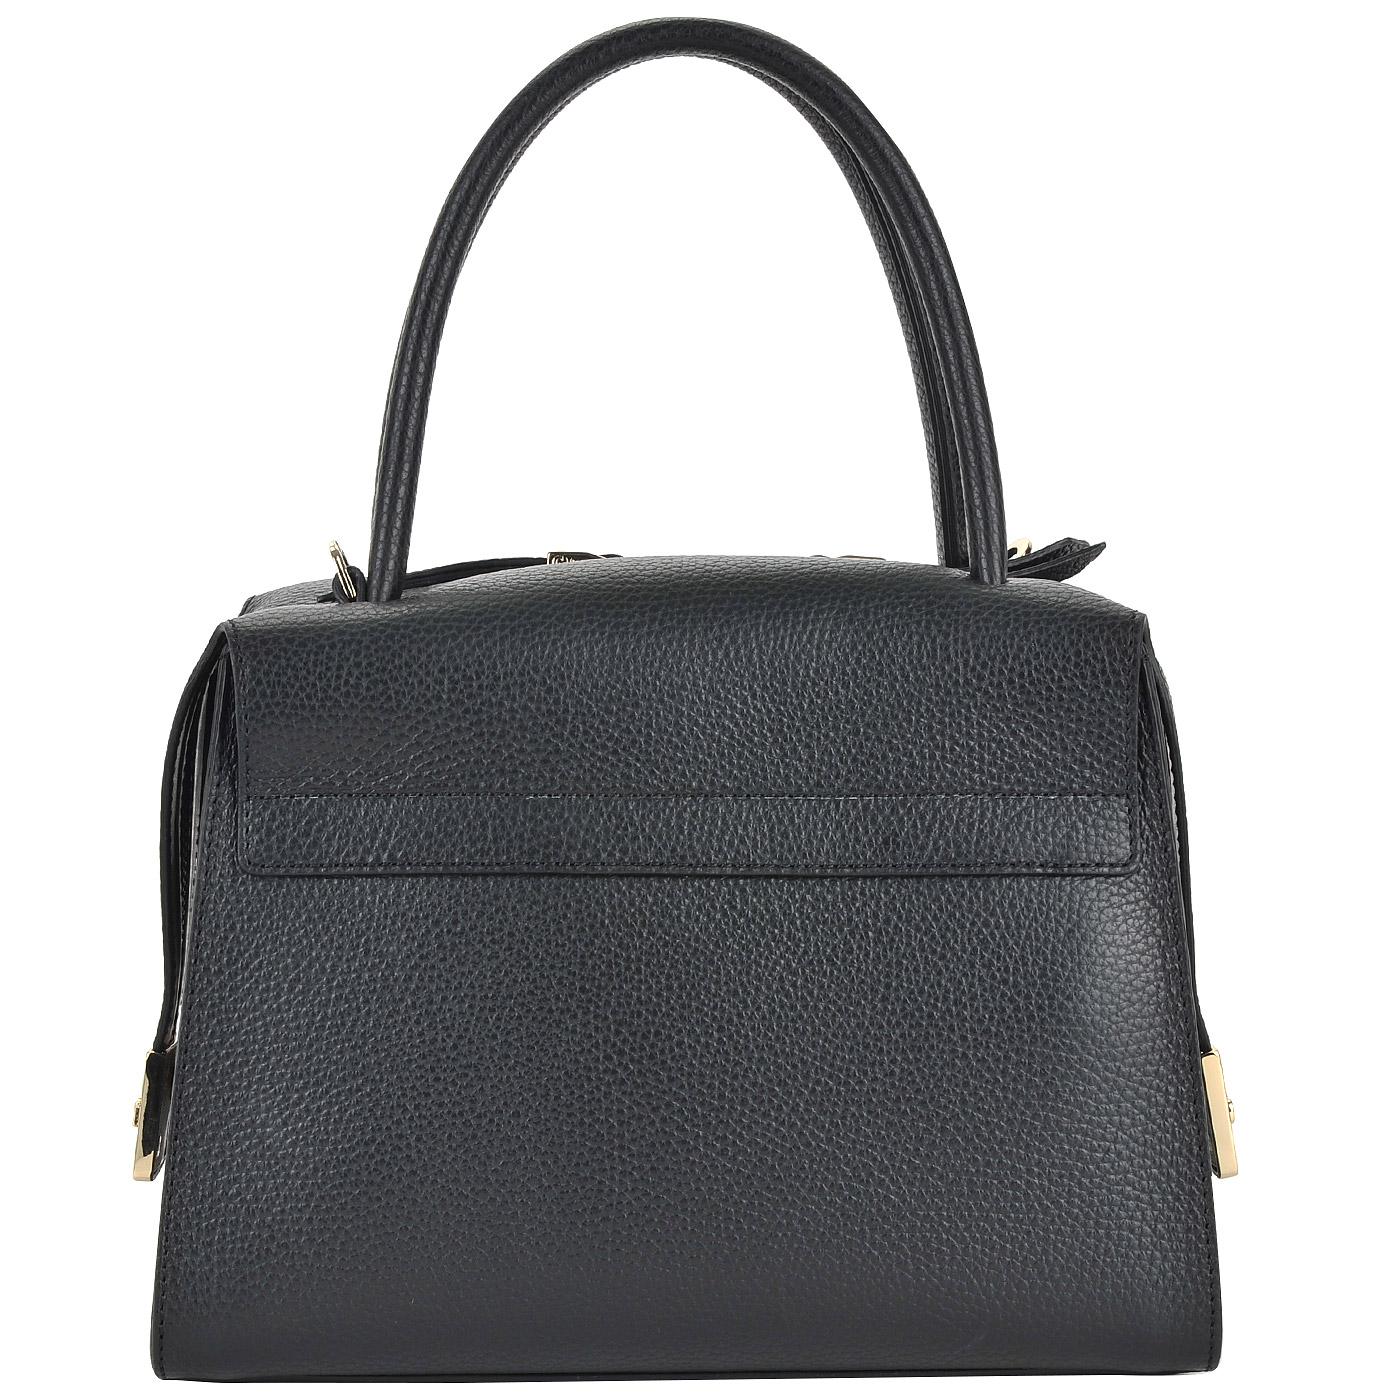 9b9974703670 Женская черная сумка из натуральной кожи Gironacci Женская черная сумка из натуральной  кожи Gironacci ...